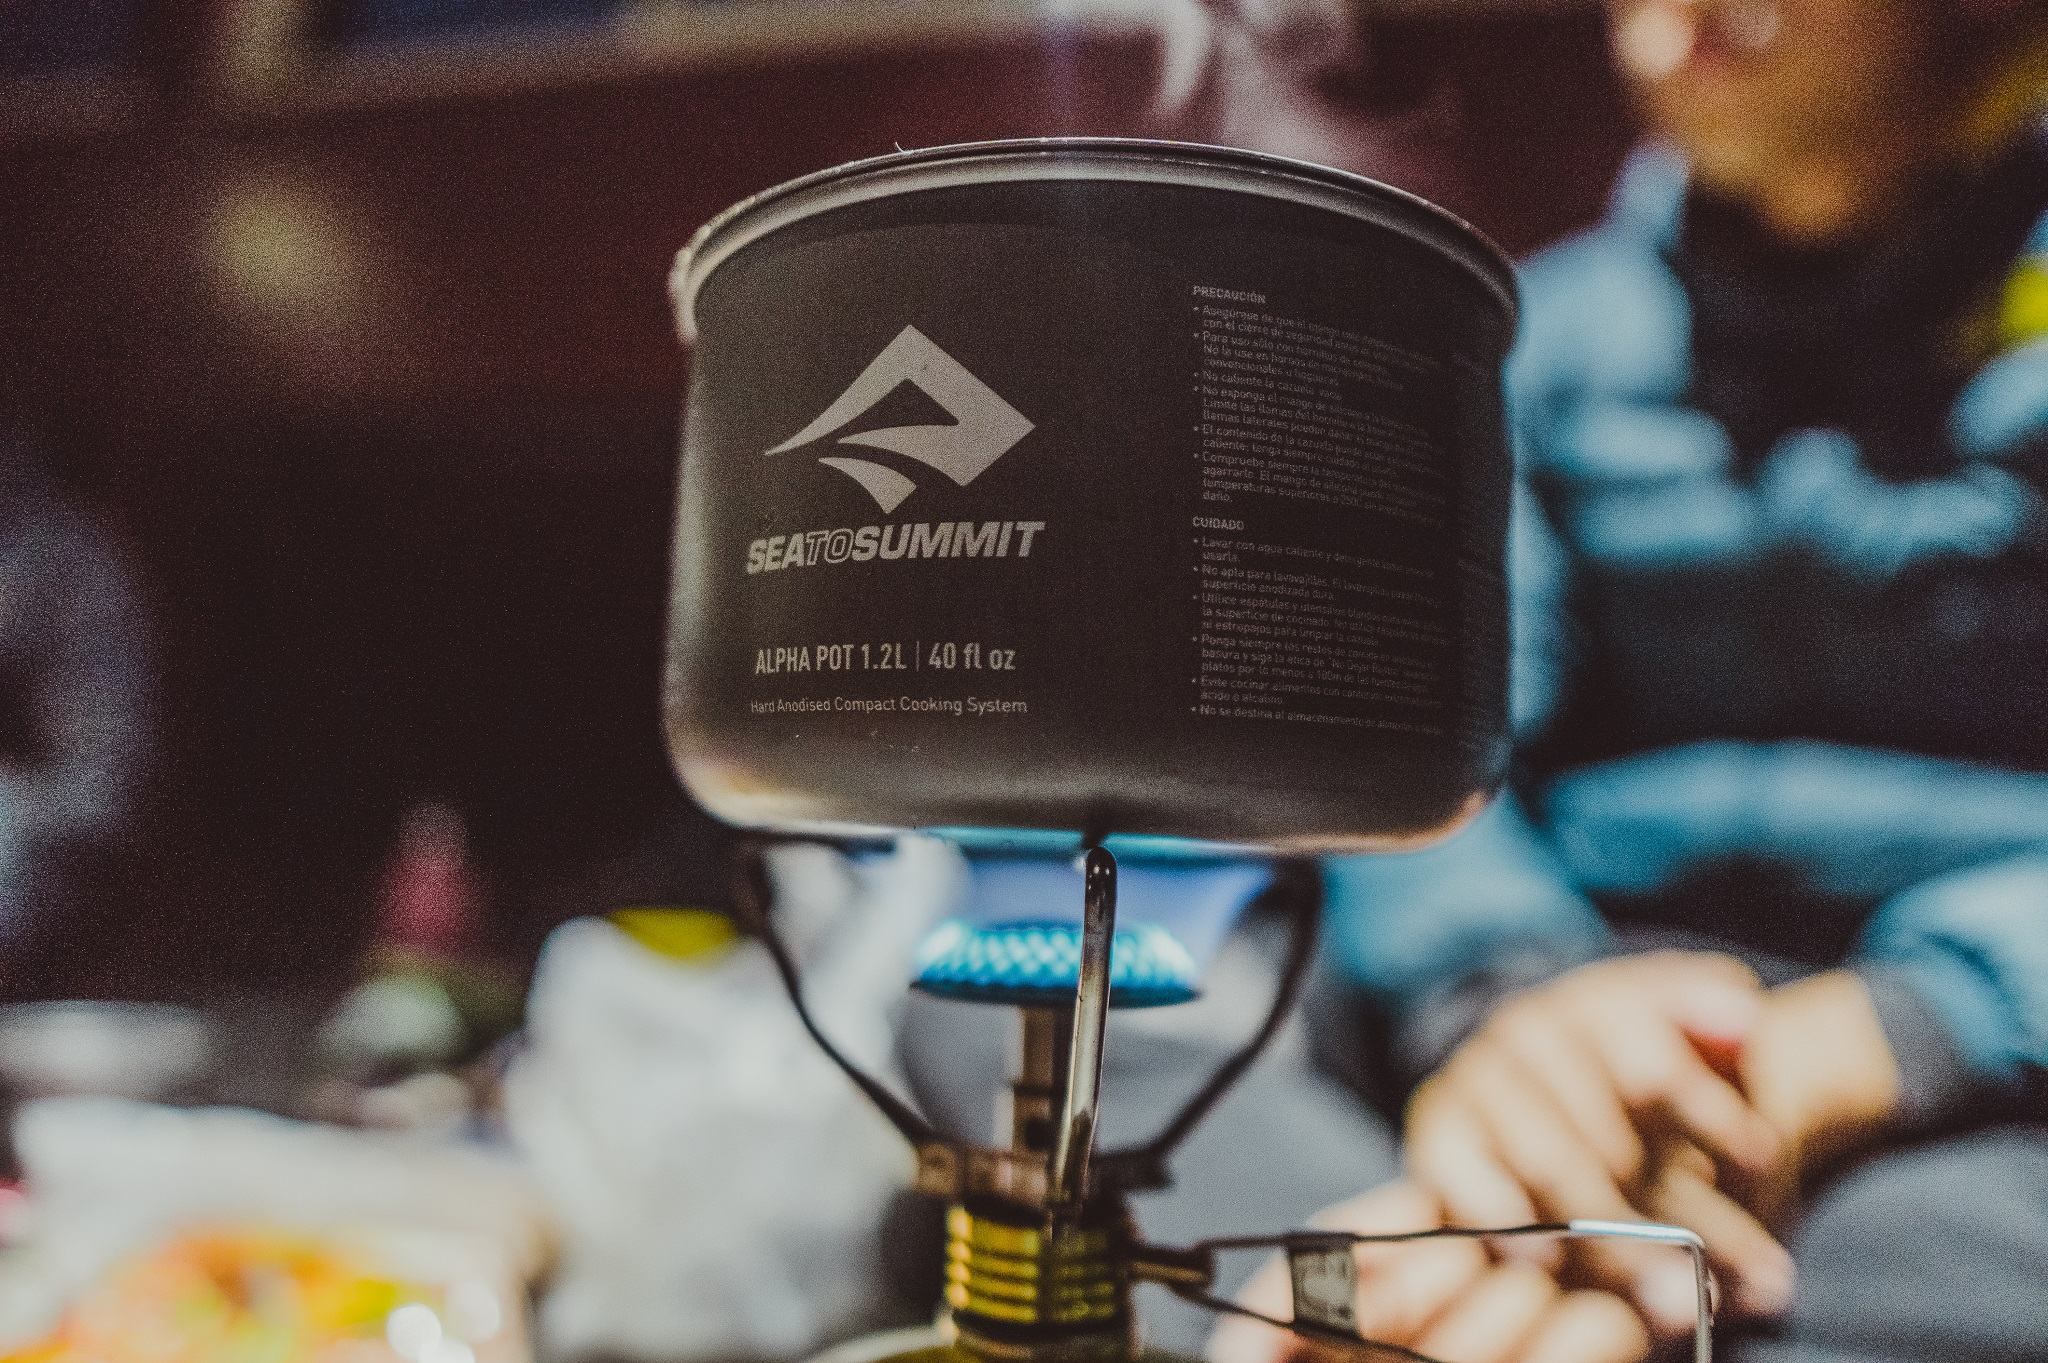 登山鍋具該如何挑選?登山鍋具的材質介紹